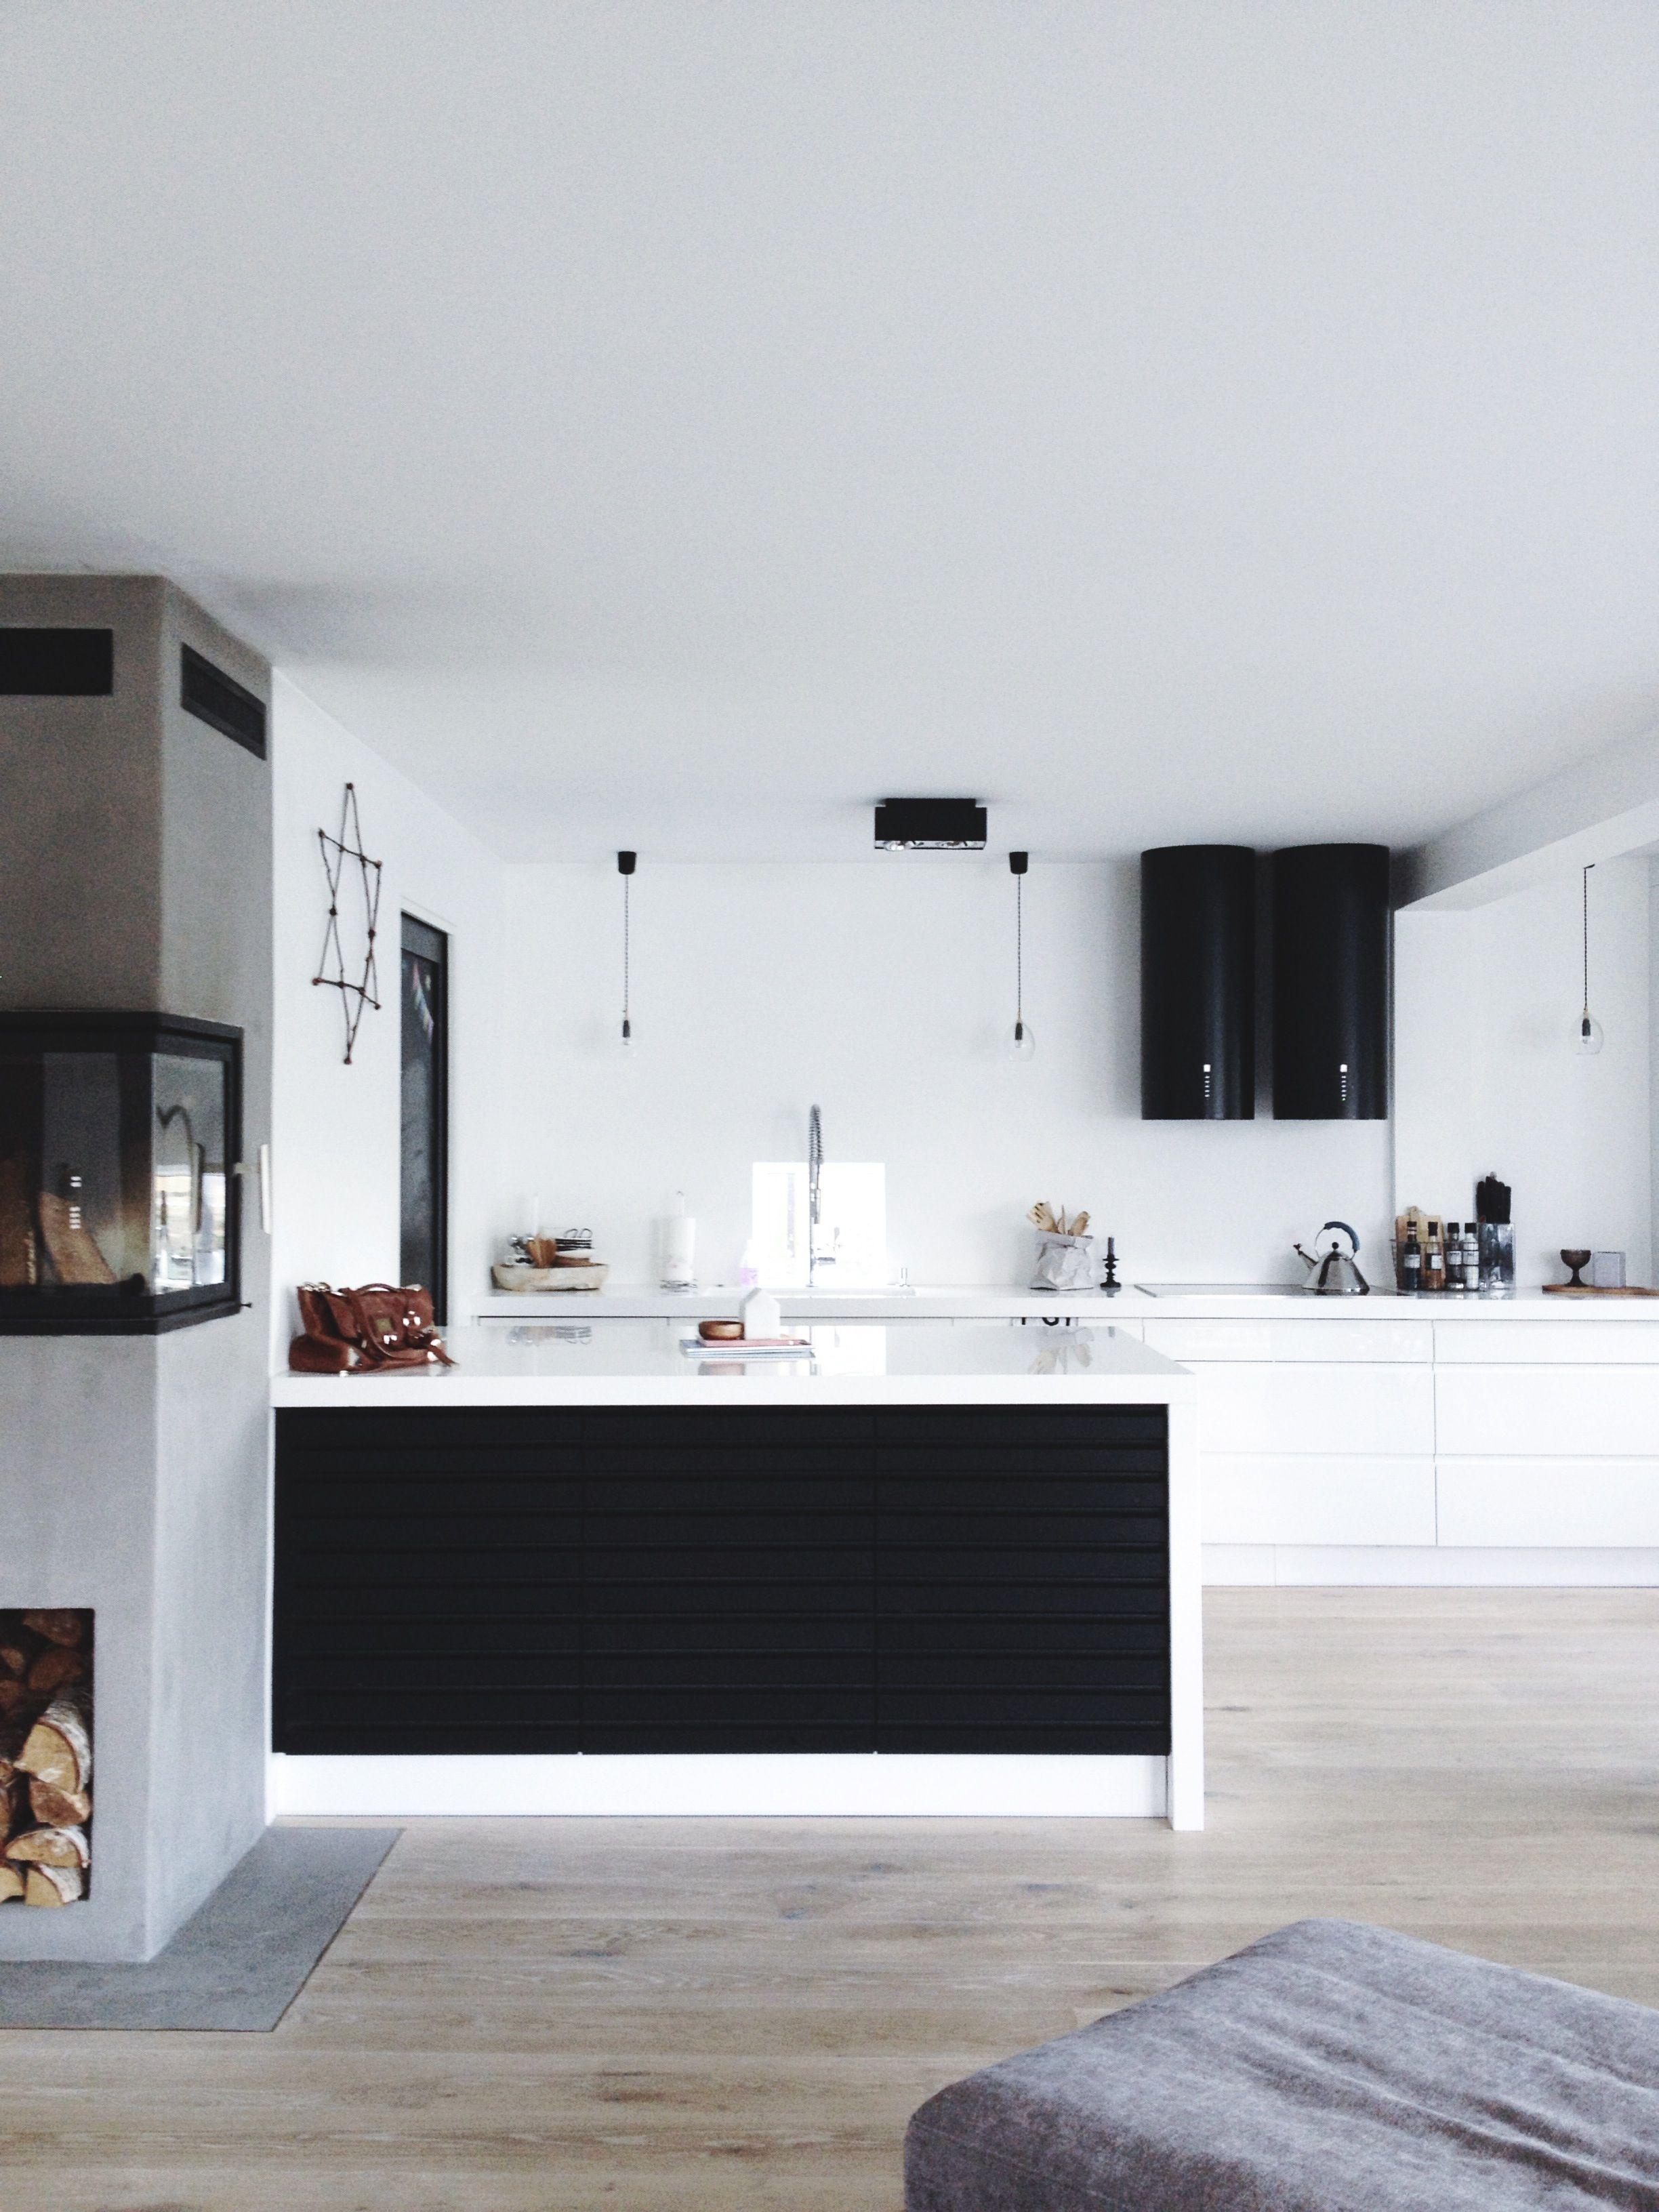 Un Joli Contraste Noir Et Blanc Pour Cette Cuisine Moderne Double